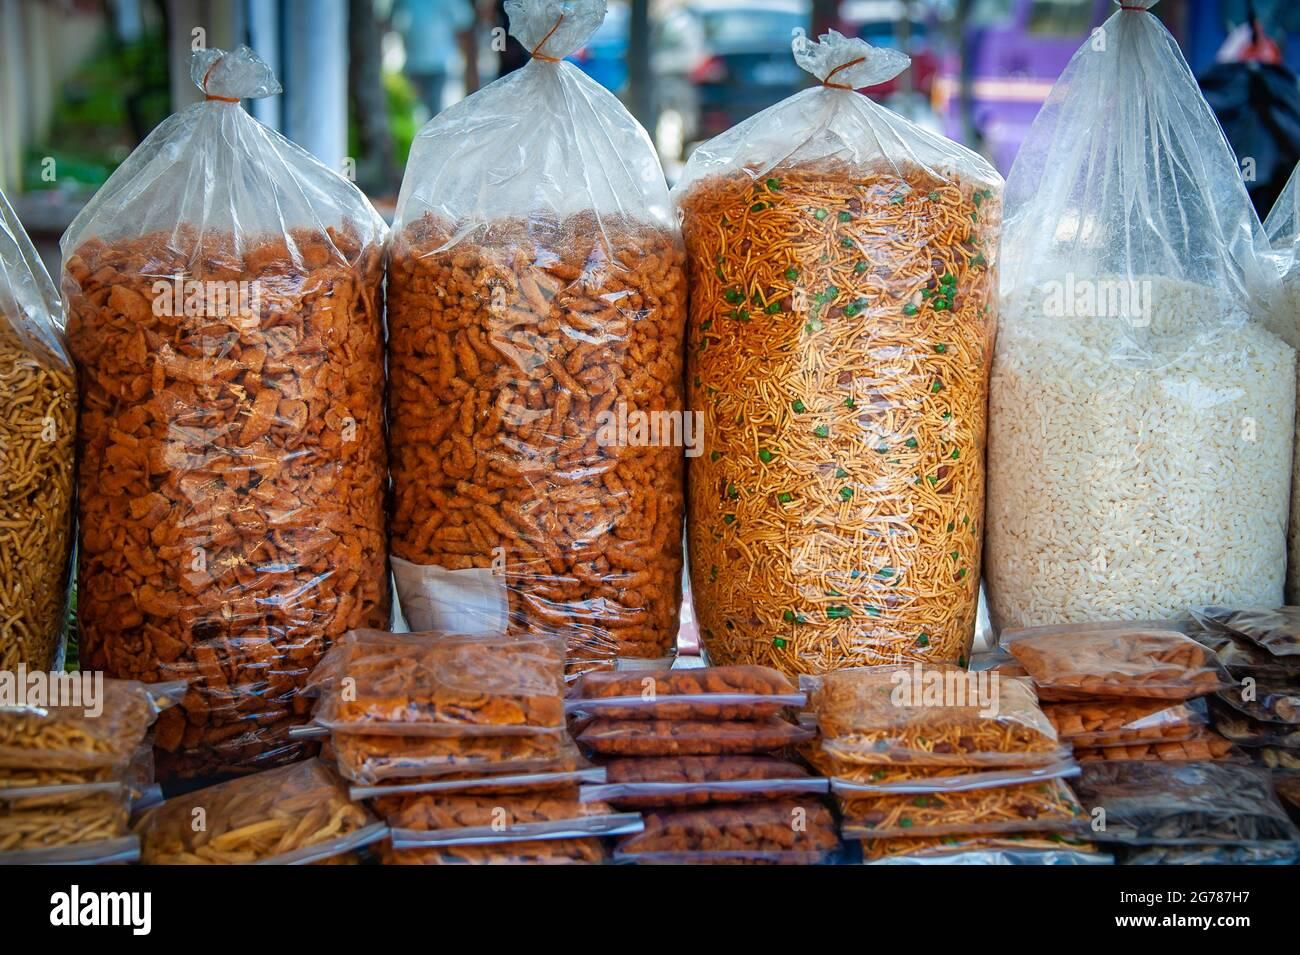 Herzhafte Cracker auf einem Straßenmarkt, traditionelle orientalische Snack-Mischung als Vorspeise oder als Begleitung zu Getränken serviert Stockfoto